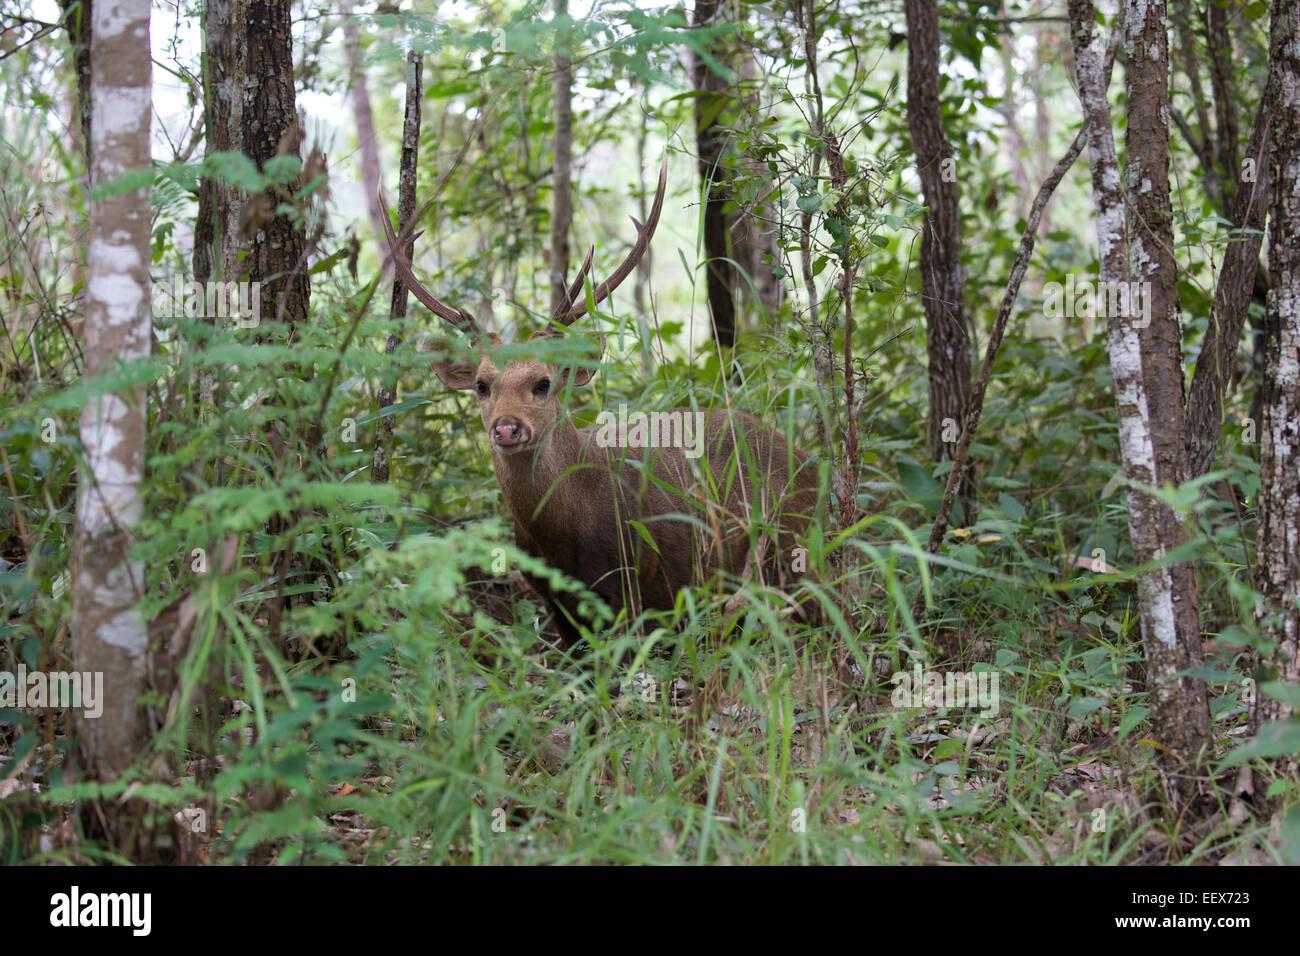 Chevreuil porc porcinus axe. Dans le cadre d'une réintroduction de l'espèce dans le Sanctuaire Photo Stock